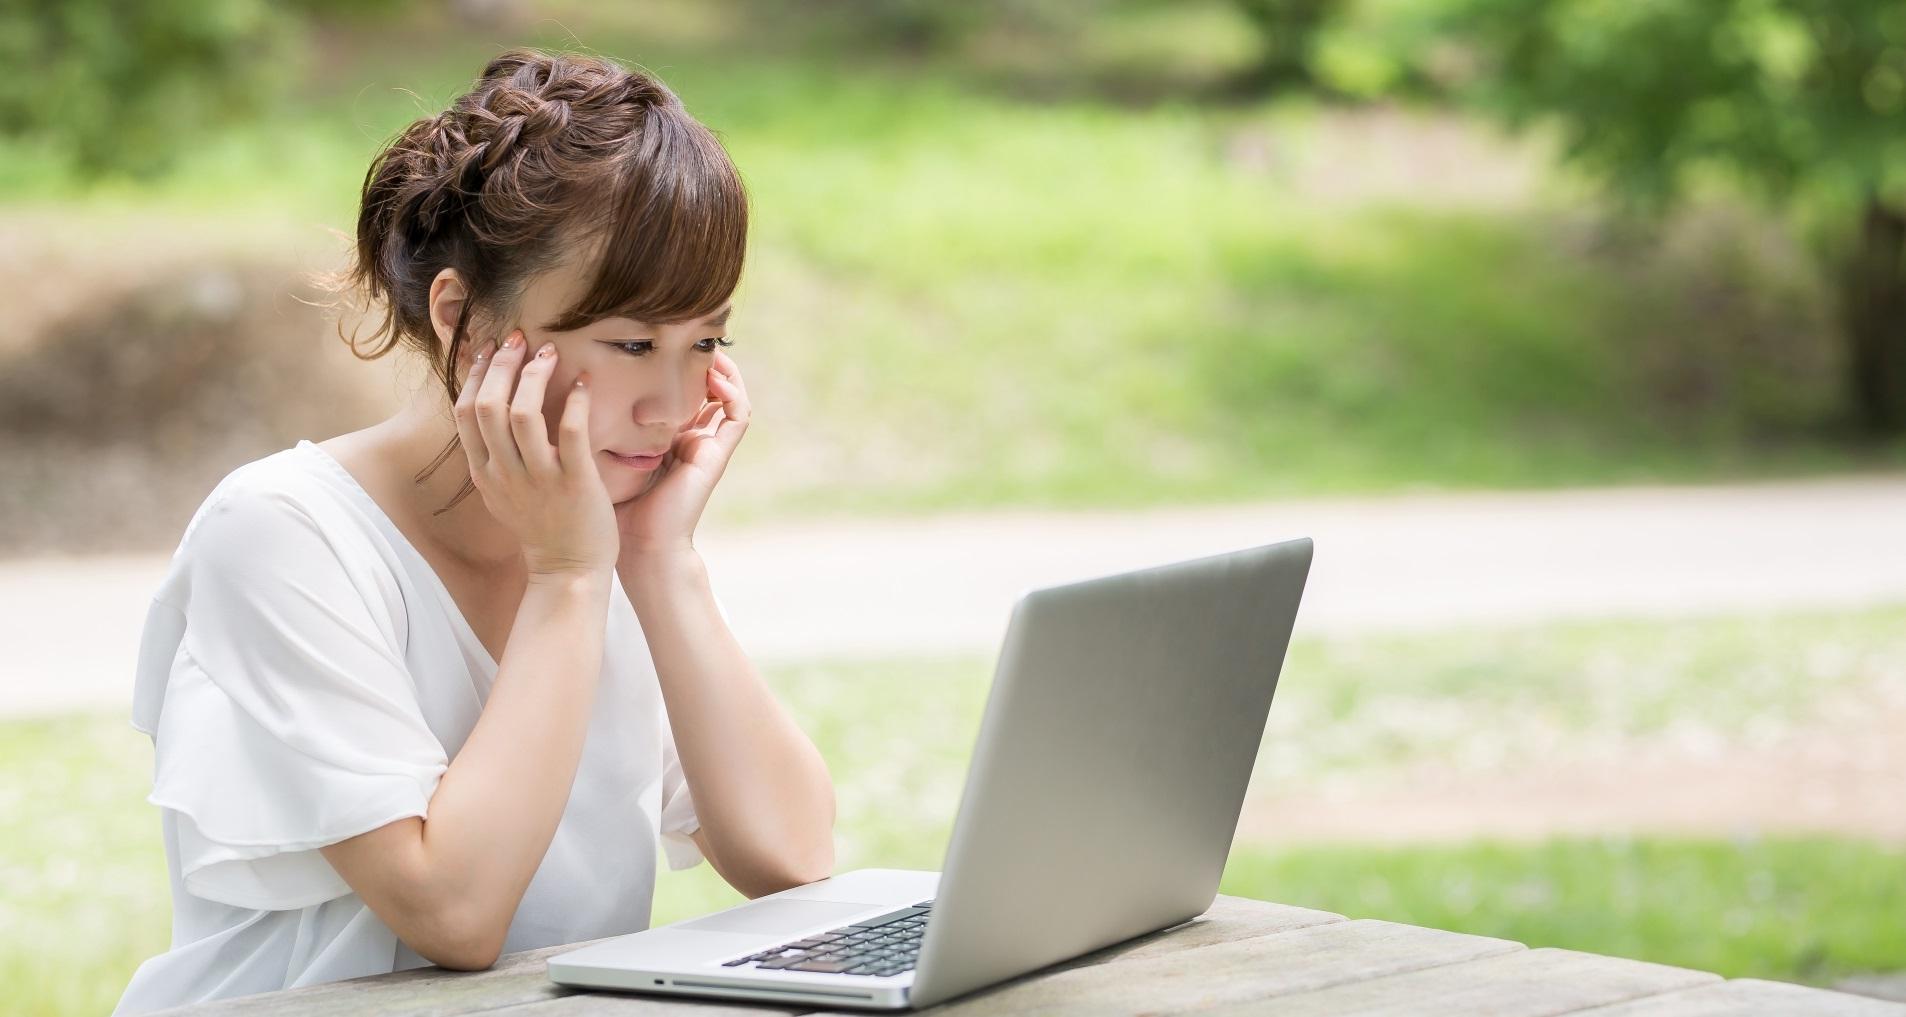 オンライン英会話の無料体験レッスンを受けてみませんか?